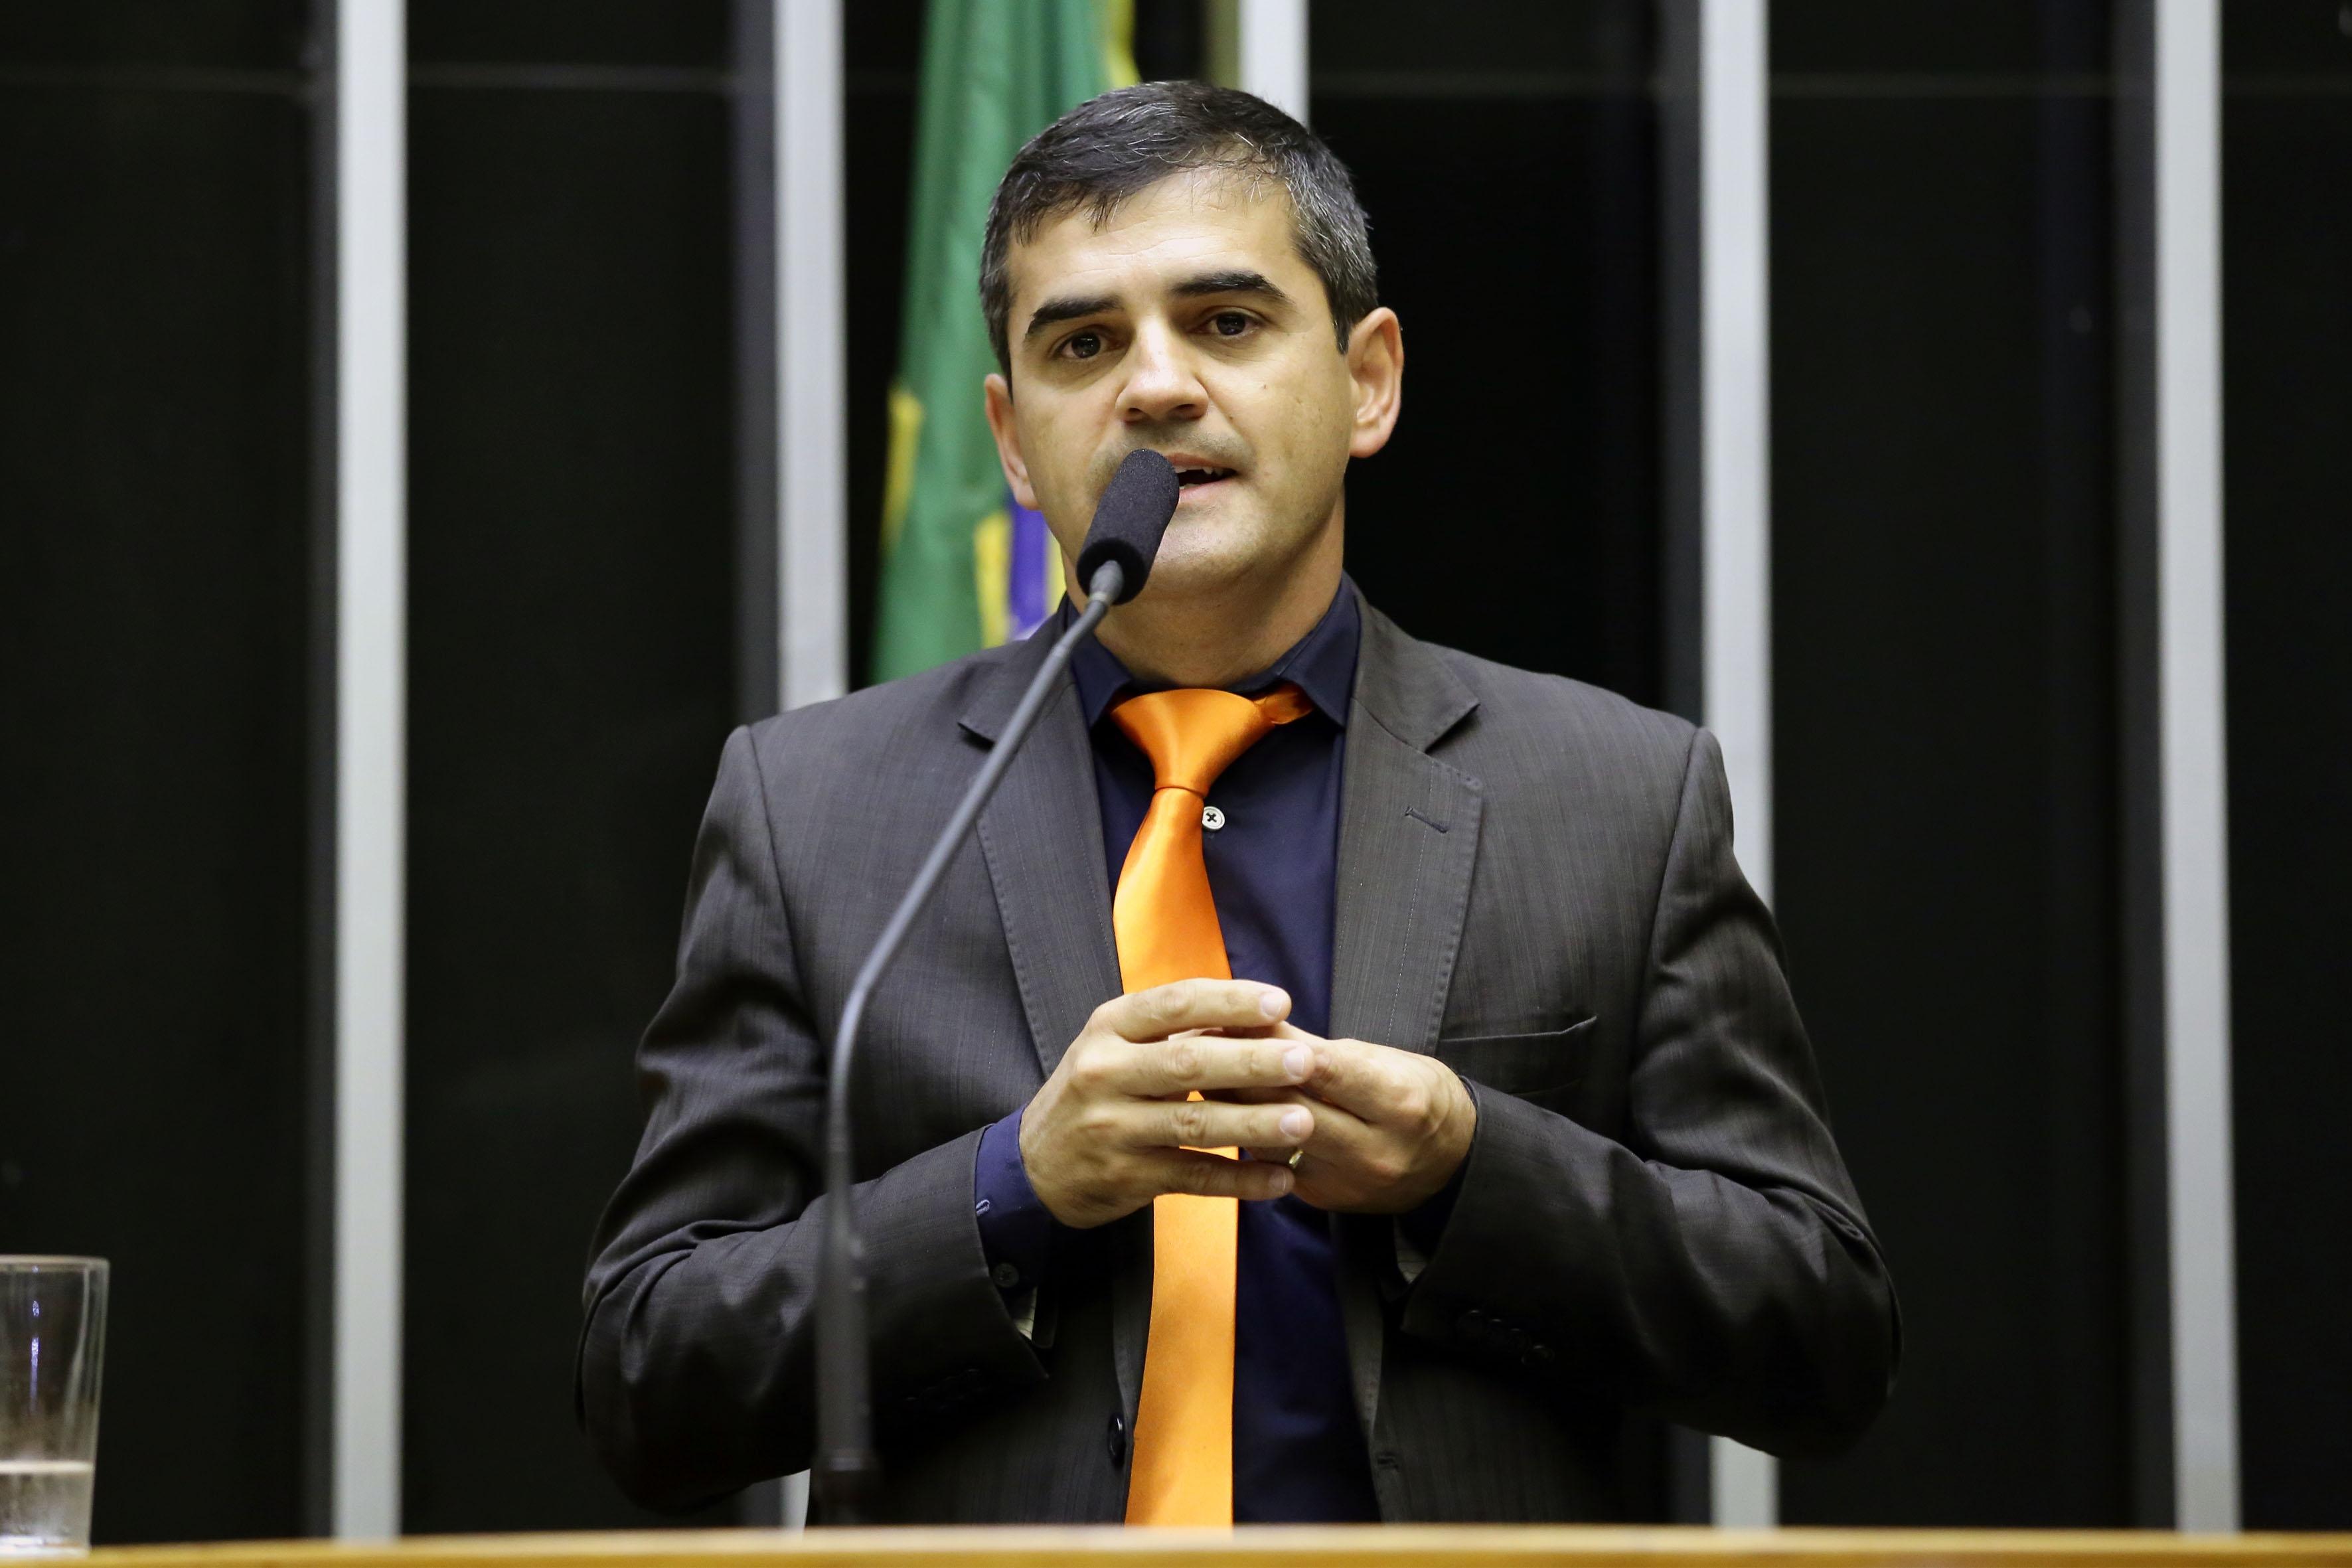 Homenagem ao Dia Nacional dos Vicentinos. Representante do Conselho Central de Formosa-GO da Sociedade de São Vicente de Paulo (SSVP), BUENO HERNANY